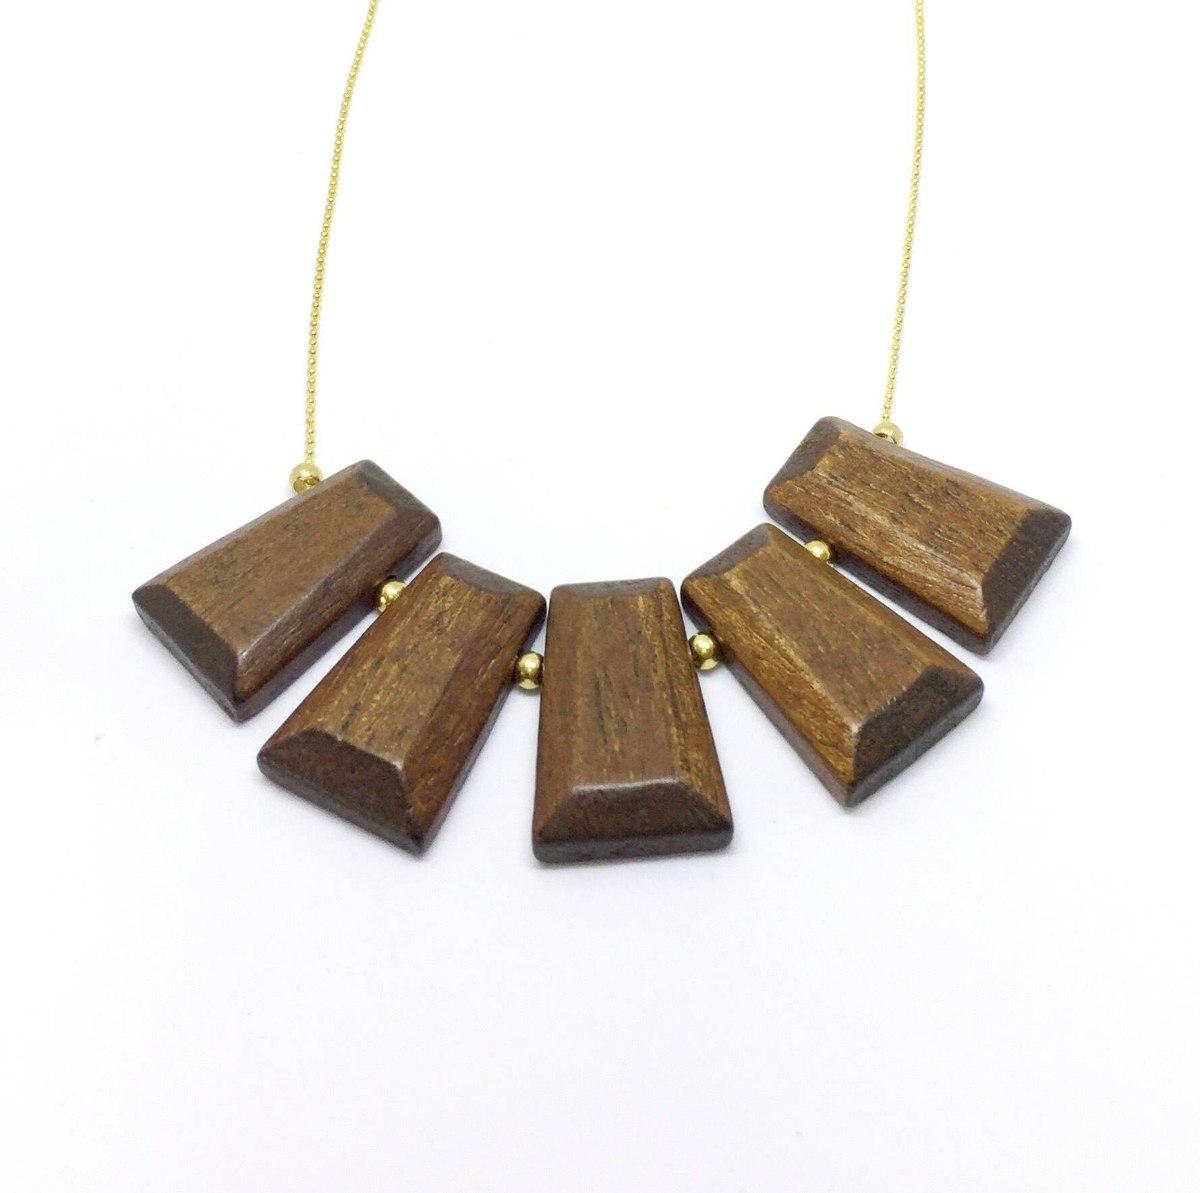 מחרוזת חרוזי עץ חומה